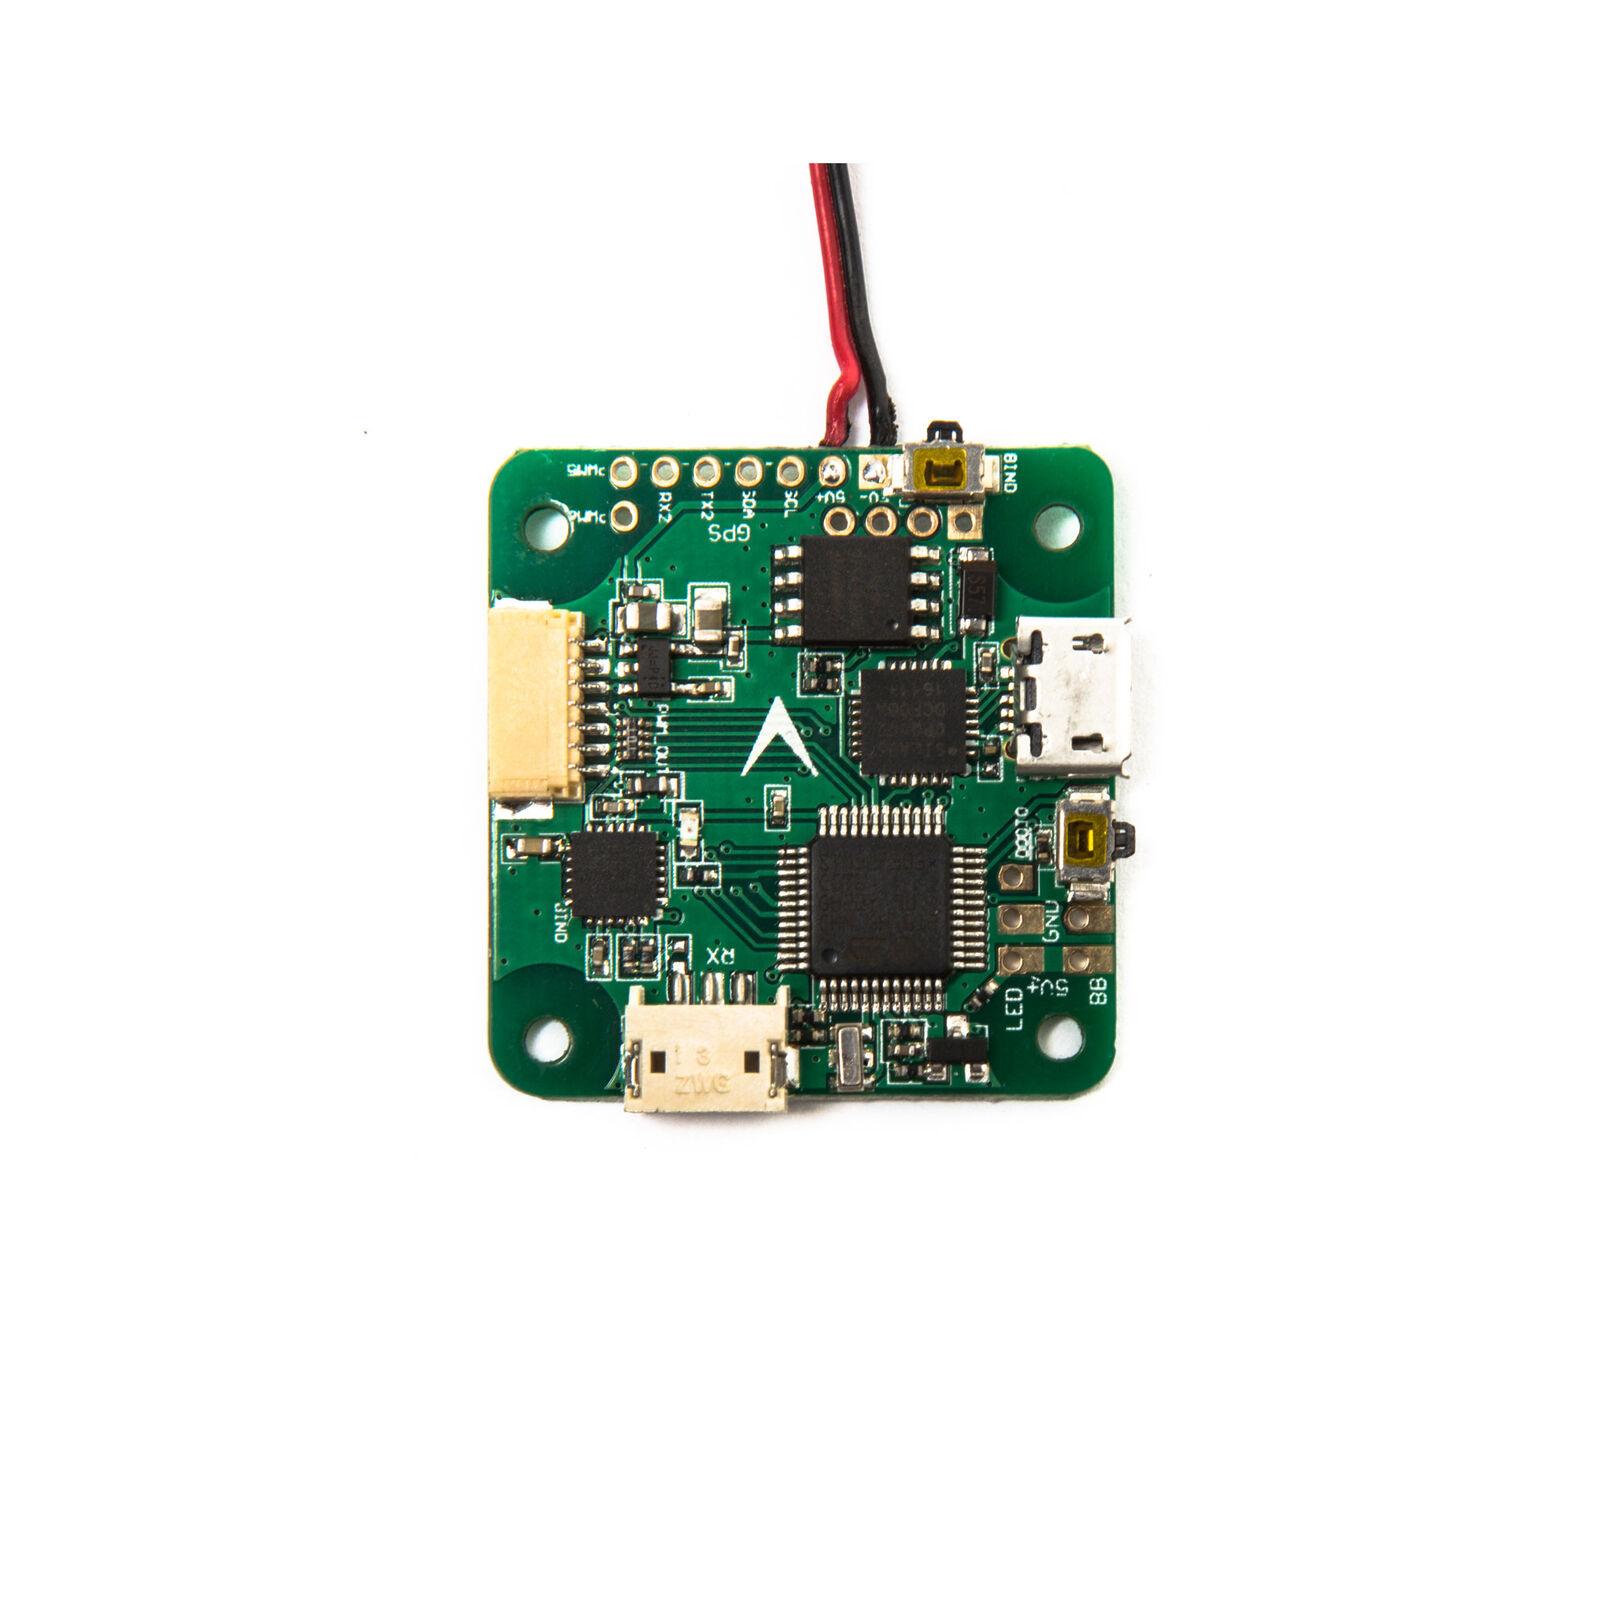 Micro F3 Flight Control: Torrent 110 FPV